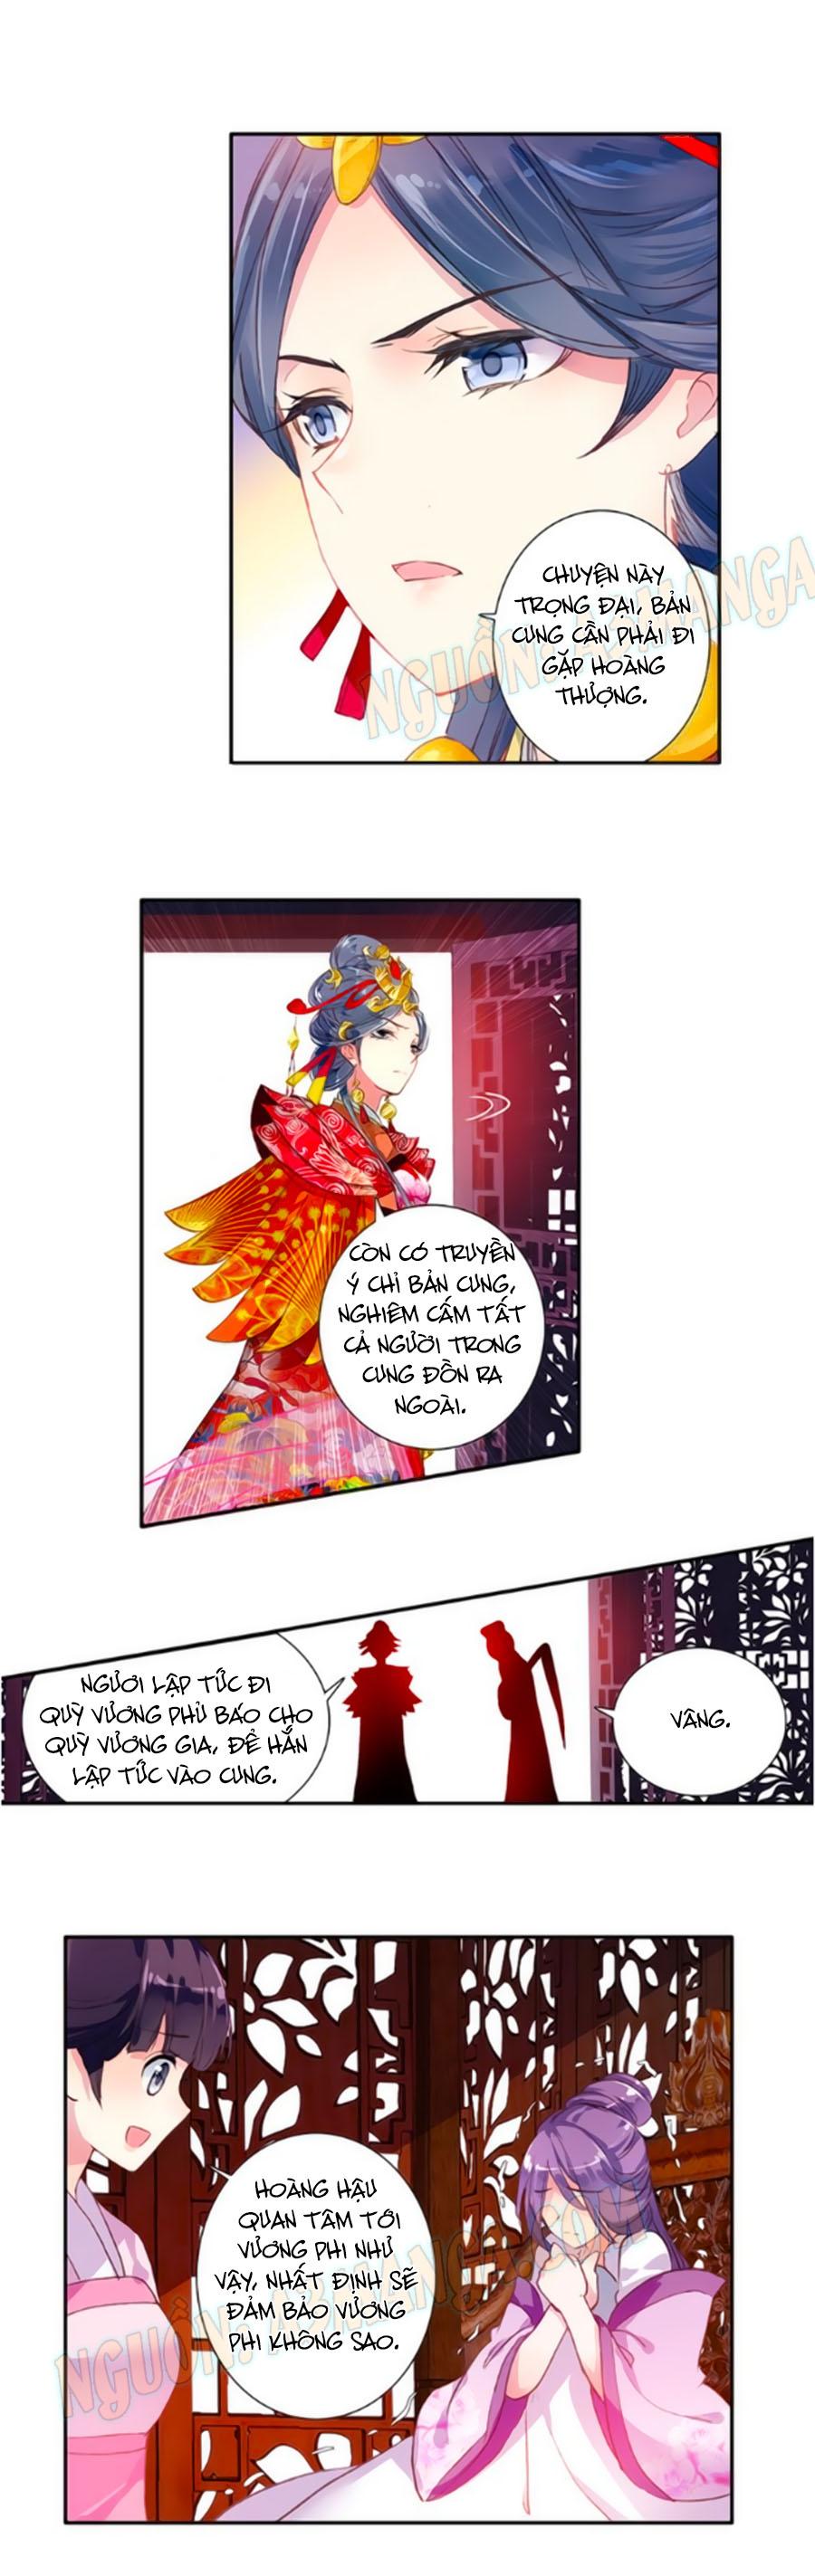 Trâm Trung Lục Chap 16.2